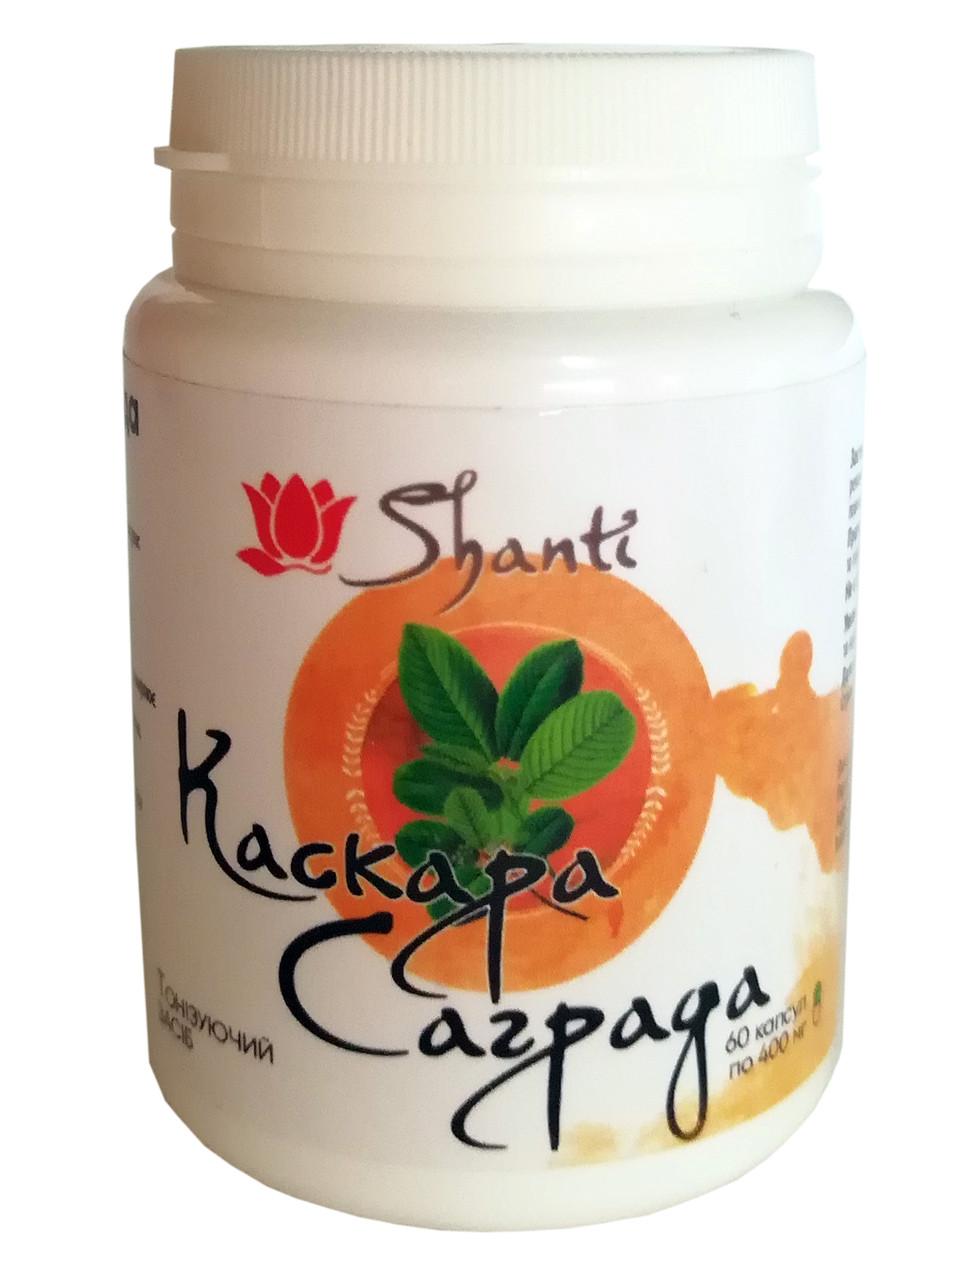 Каскара Саграда (Cascara Sagrada) очистка кишечника